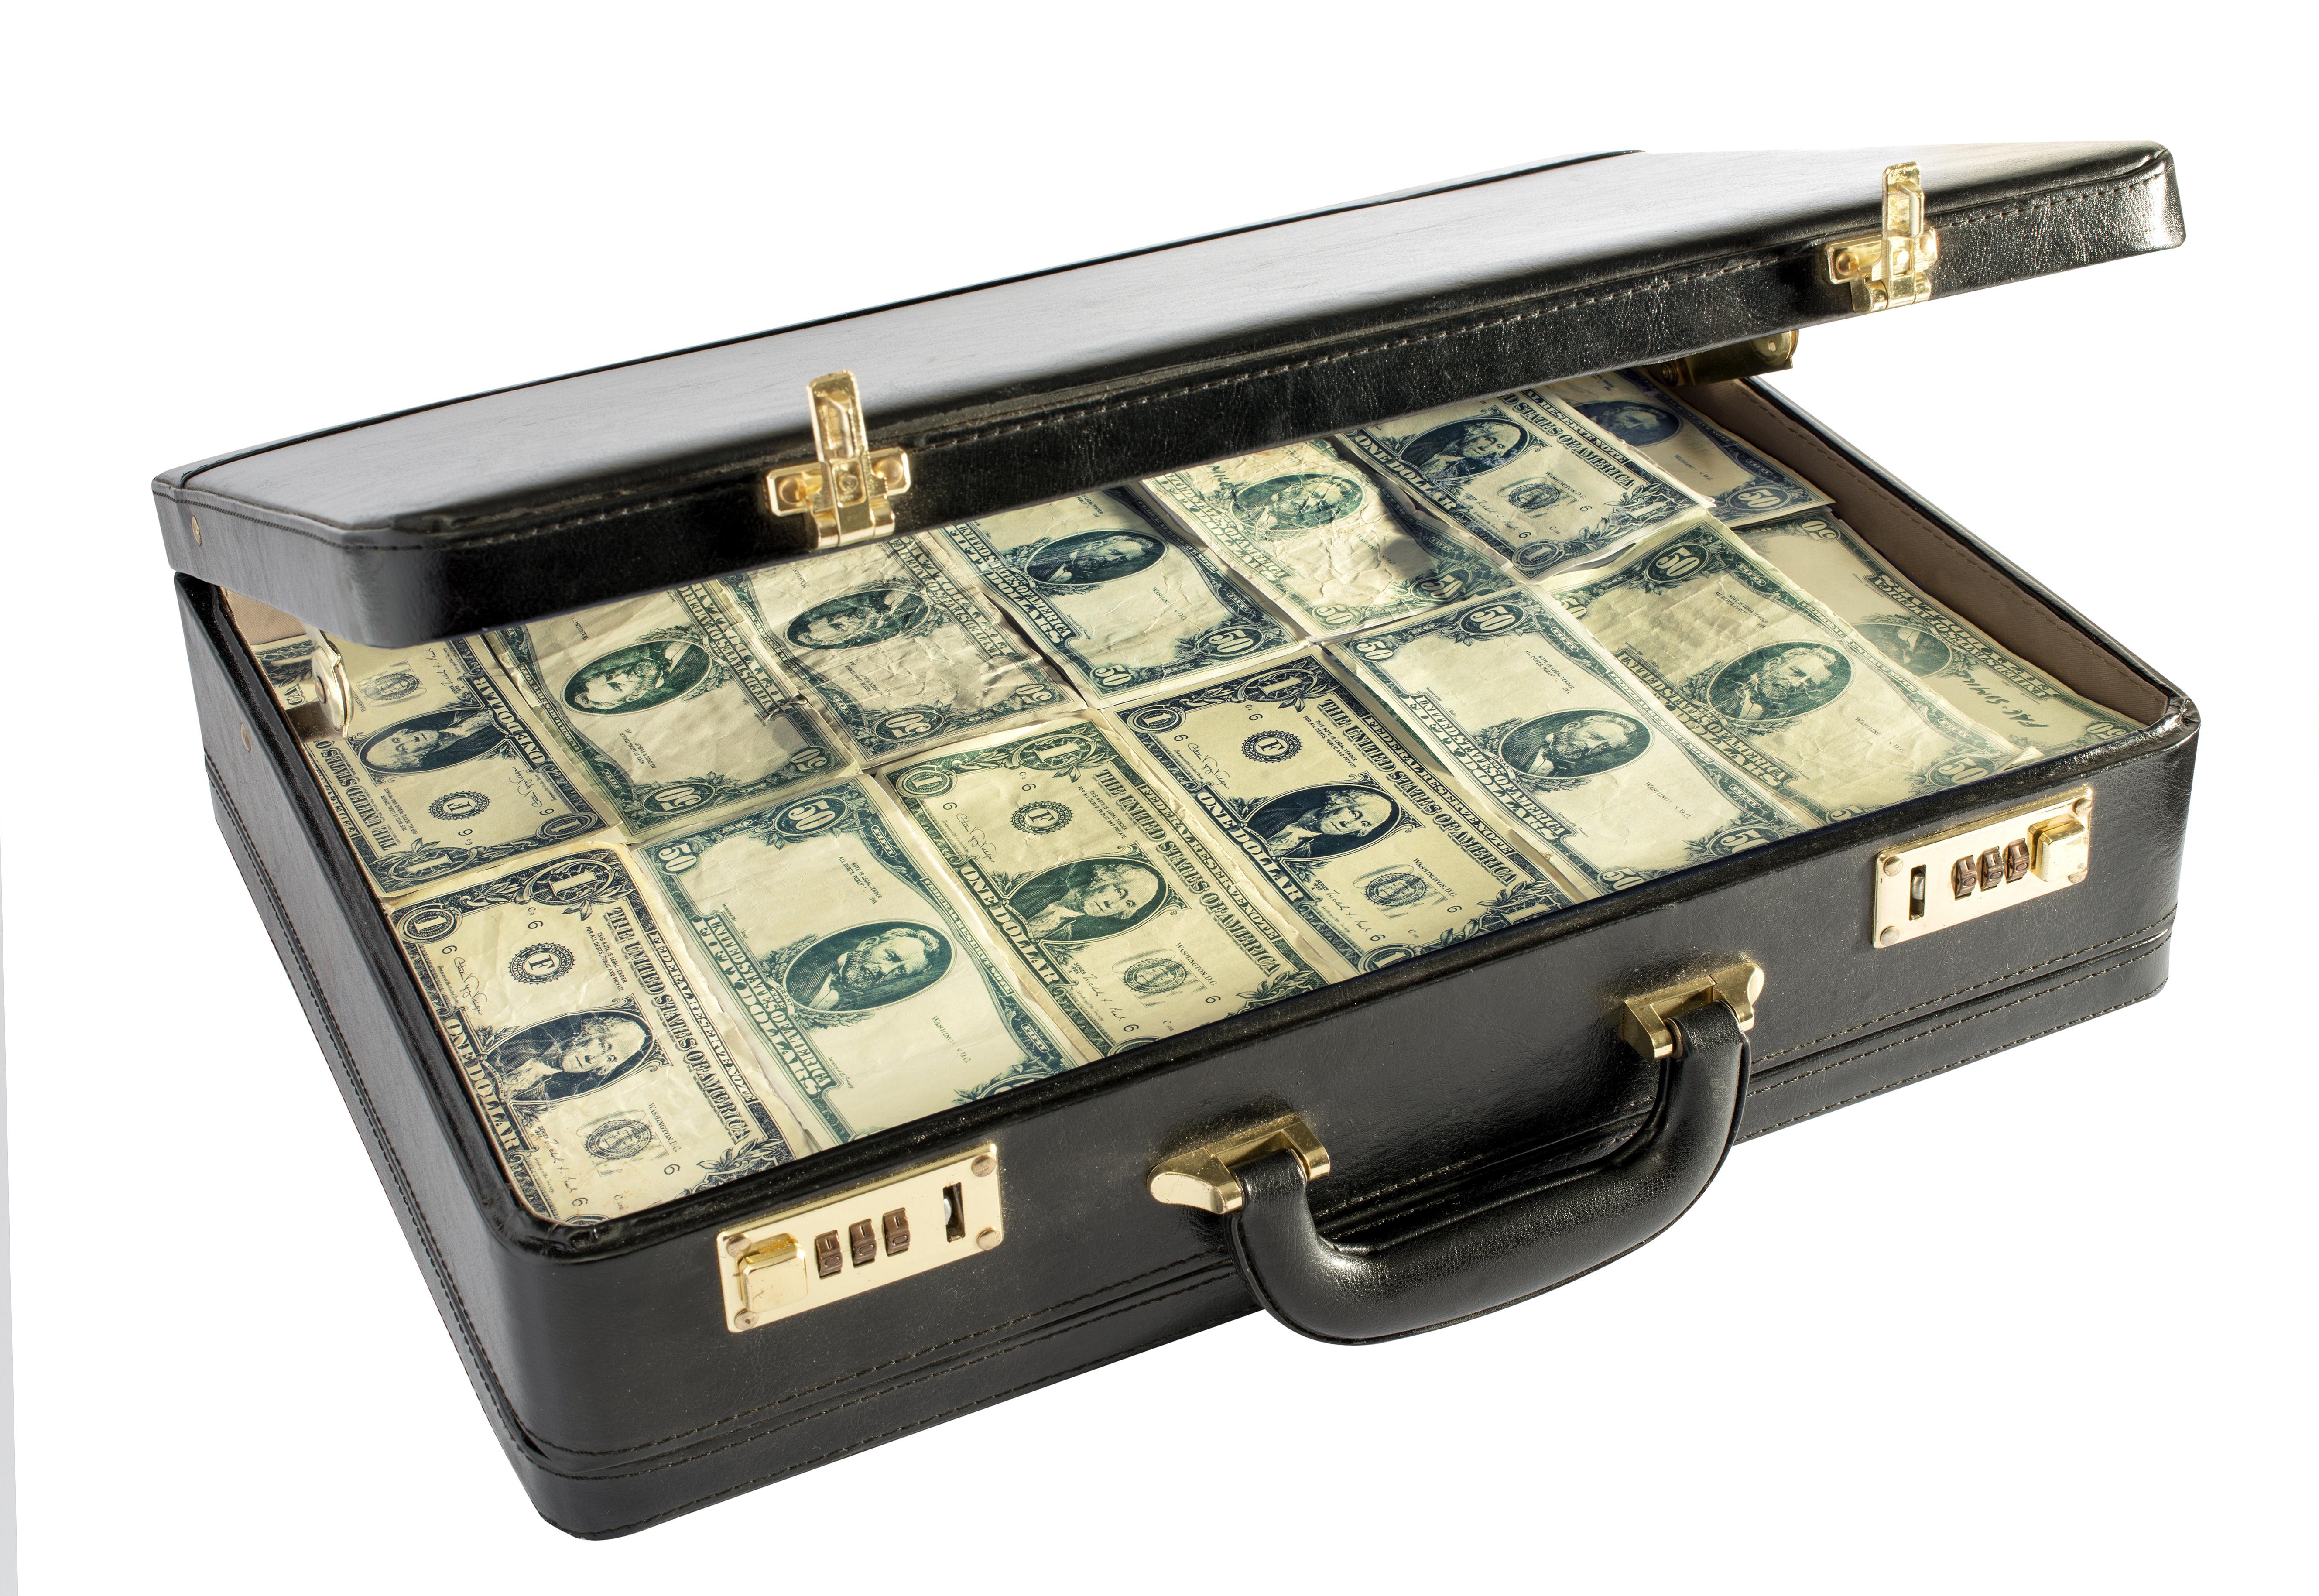 Old style money laundering. Image courtesy of DollarPhotoClub.com